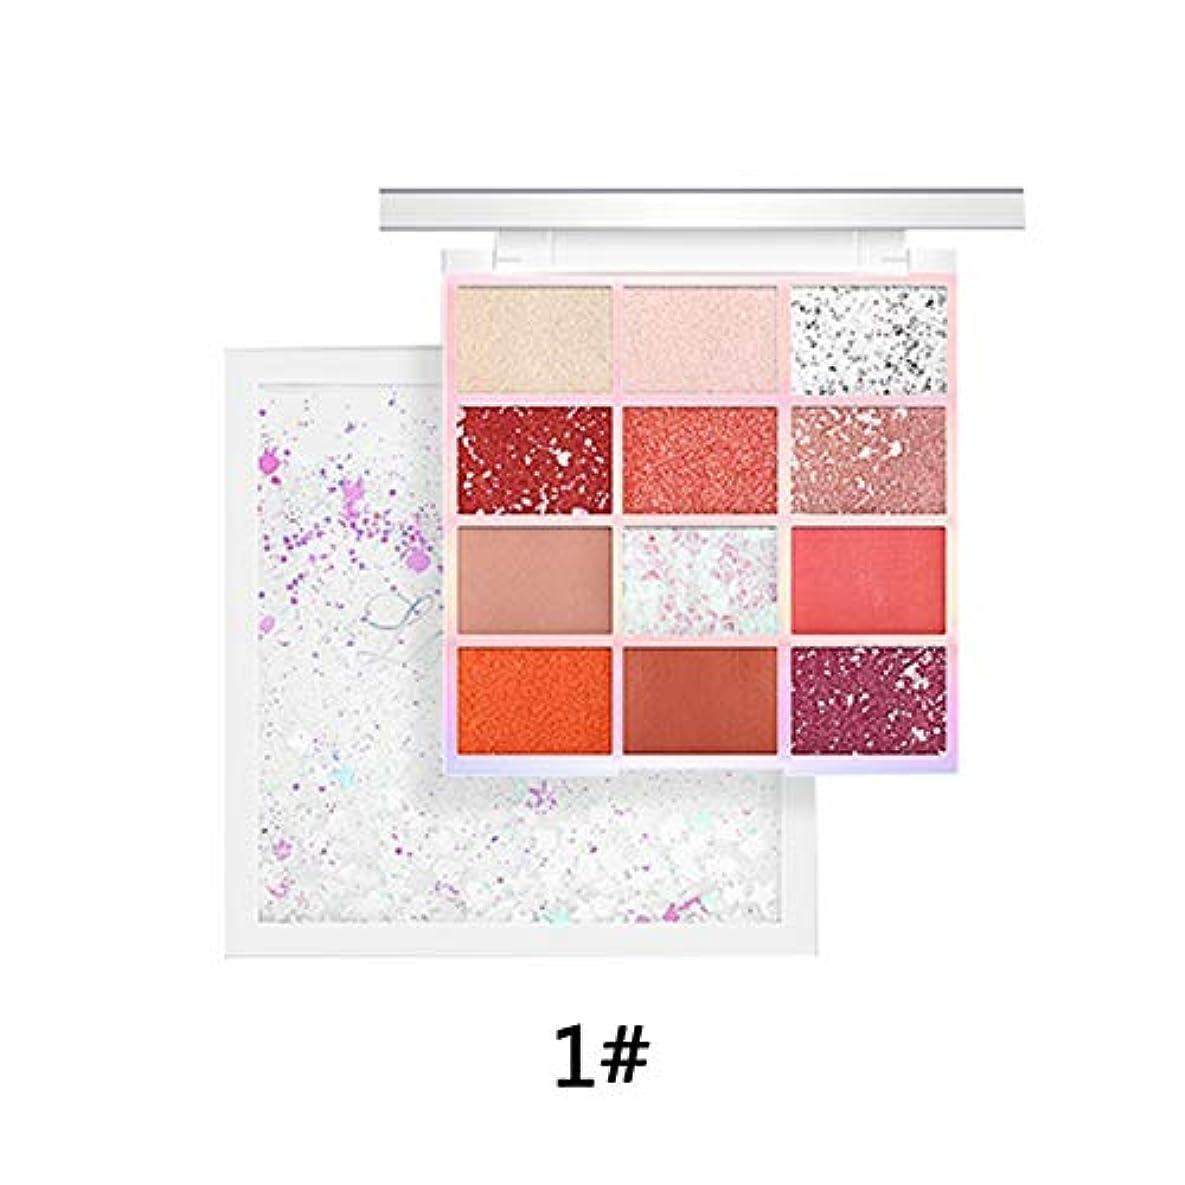 適合しました懐疑的隔離12色 璀璨 星 流砂 アイシャドウ アイシャドウパレット マット スパンコール ラスティング キラキラ 美容 アイ化粧品 Cutelove